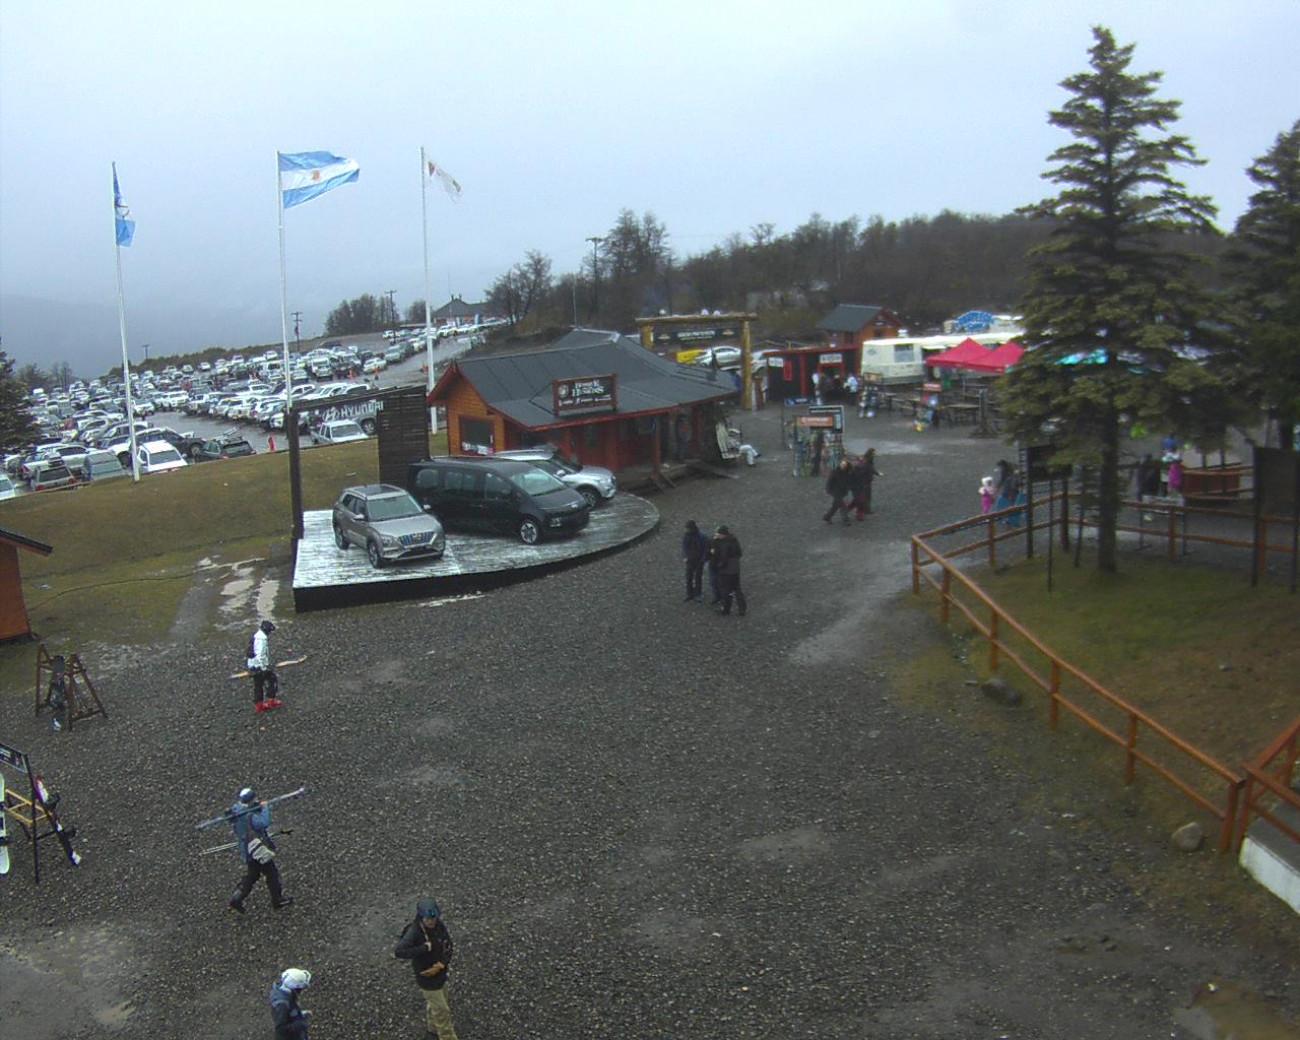 Webcam de la Estación de Esquí de Cerro Chapelco